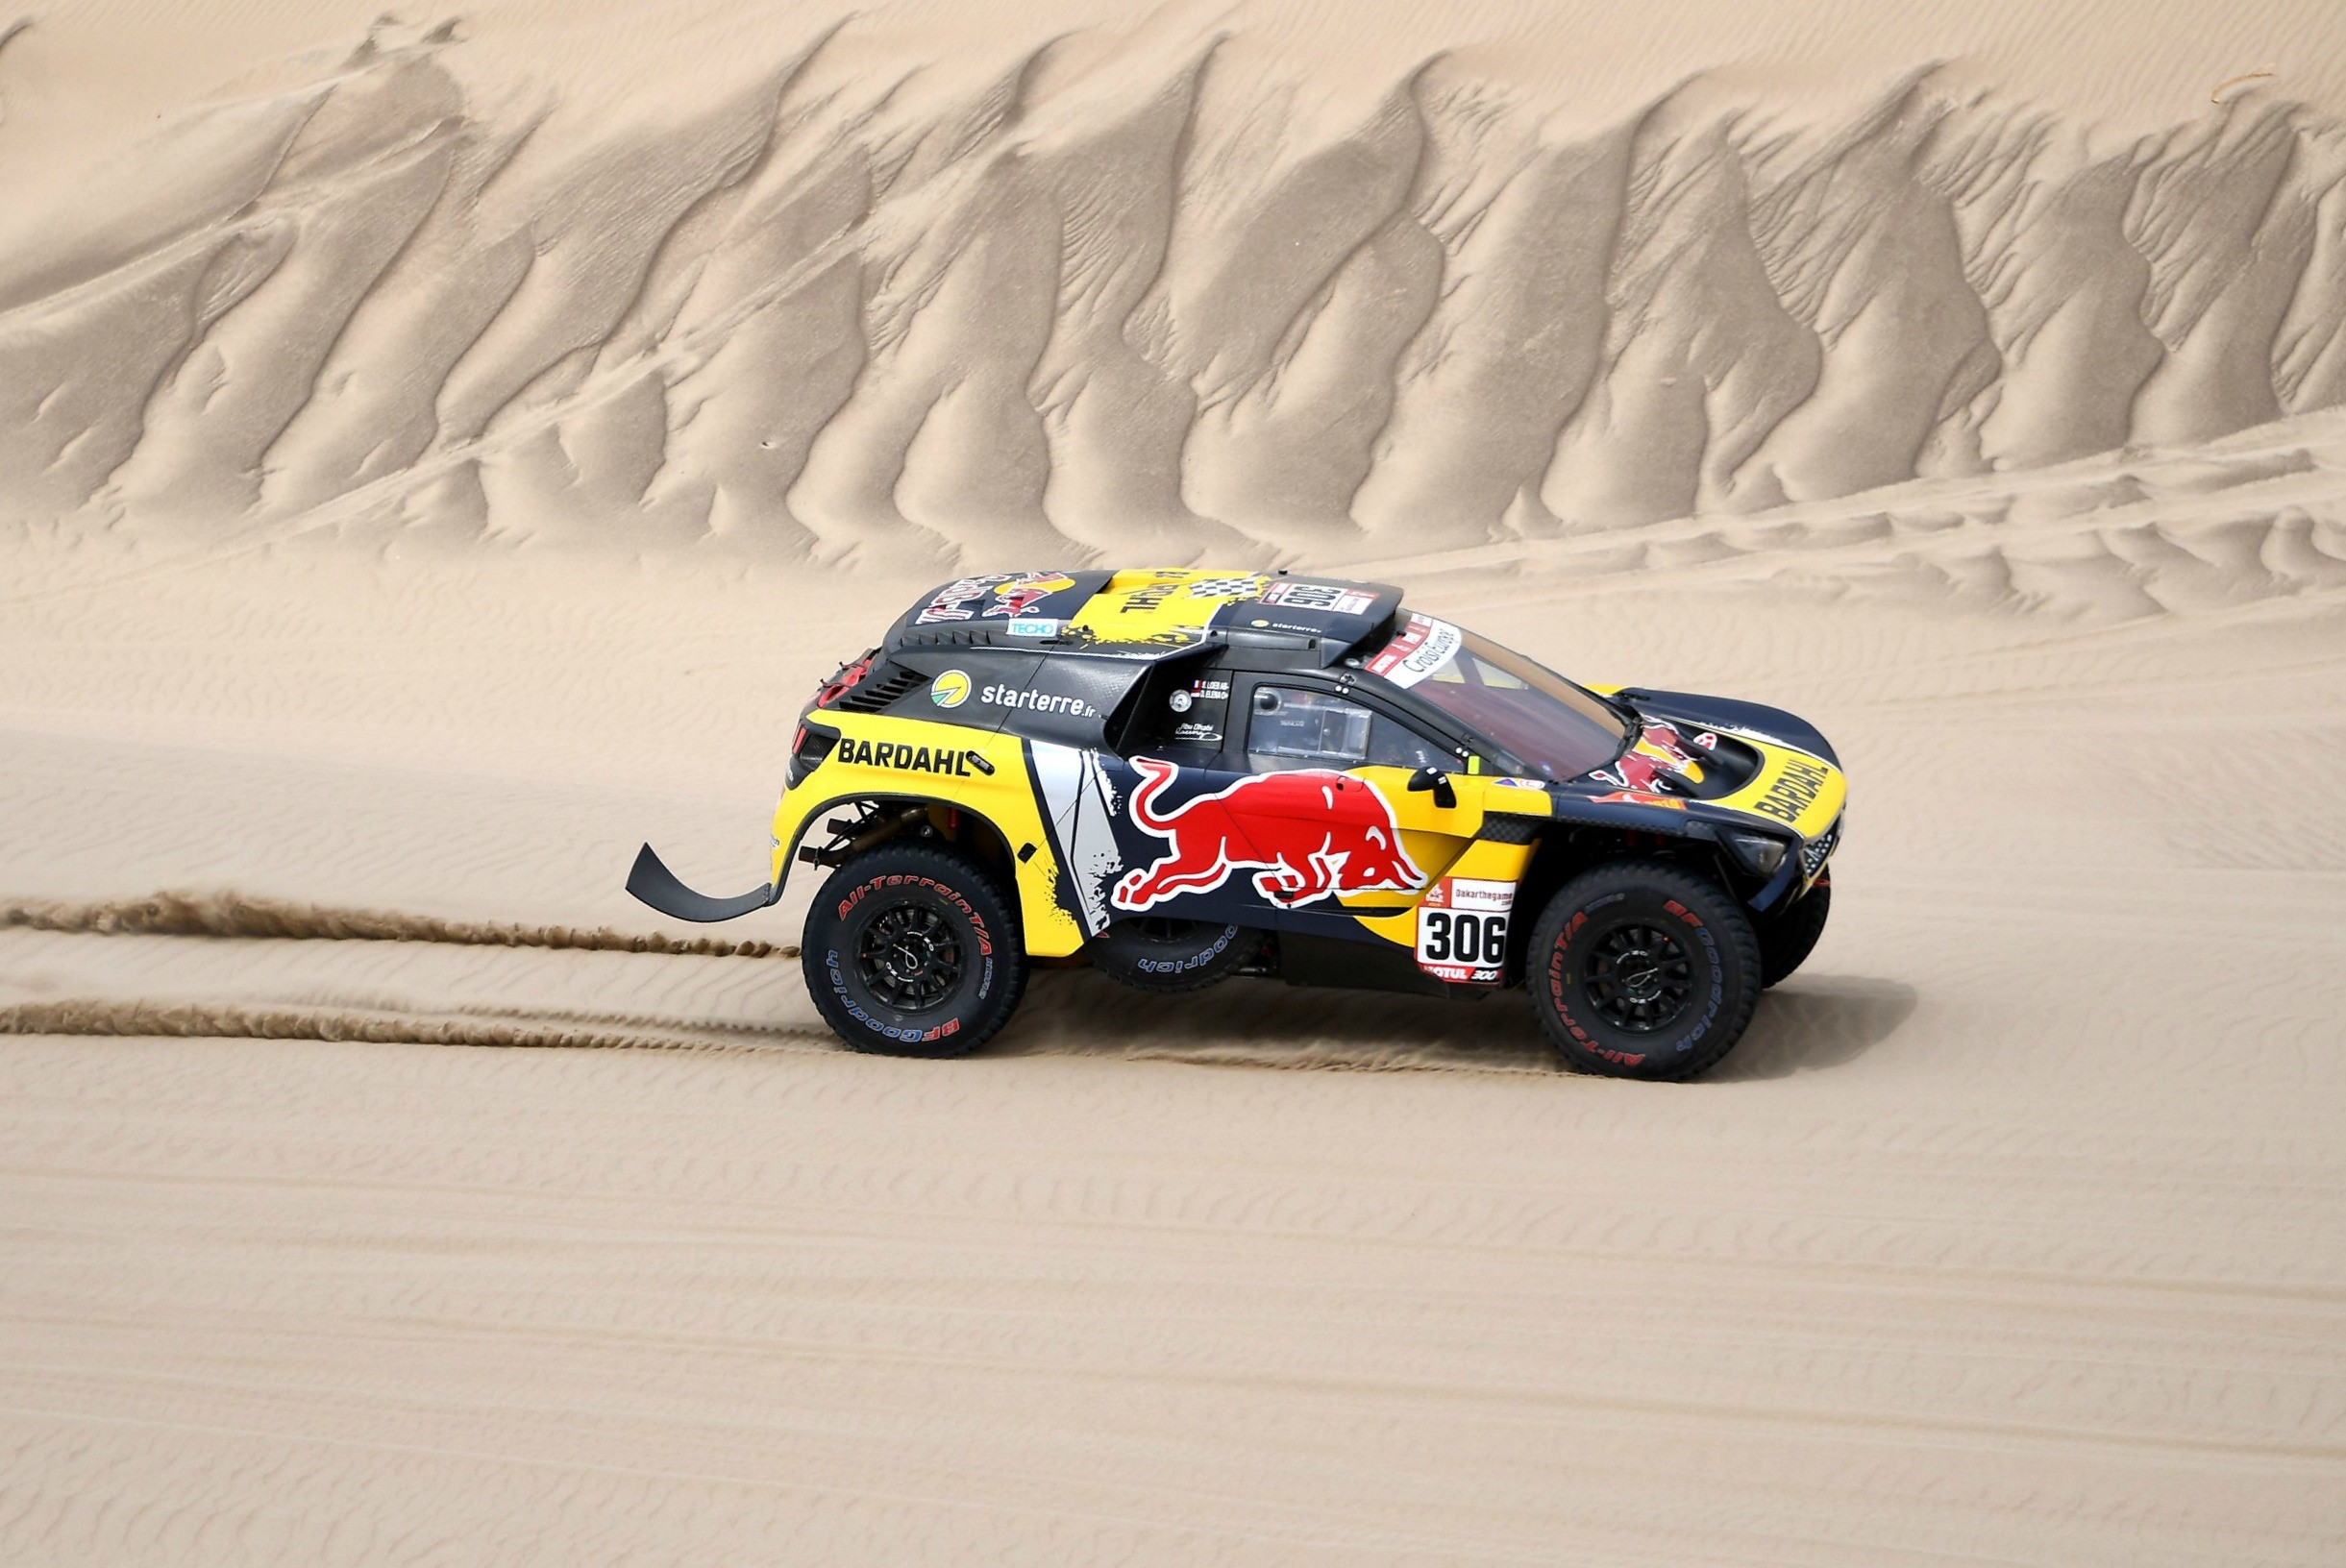 Sebastien Loeb (Peugeot) - Etape 1 Dakar 2019